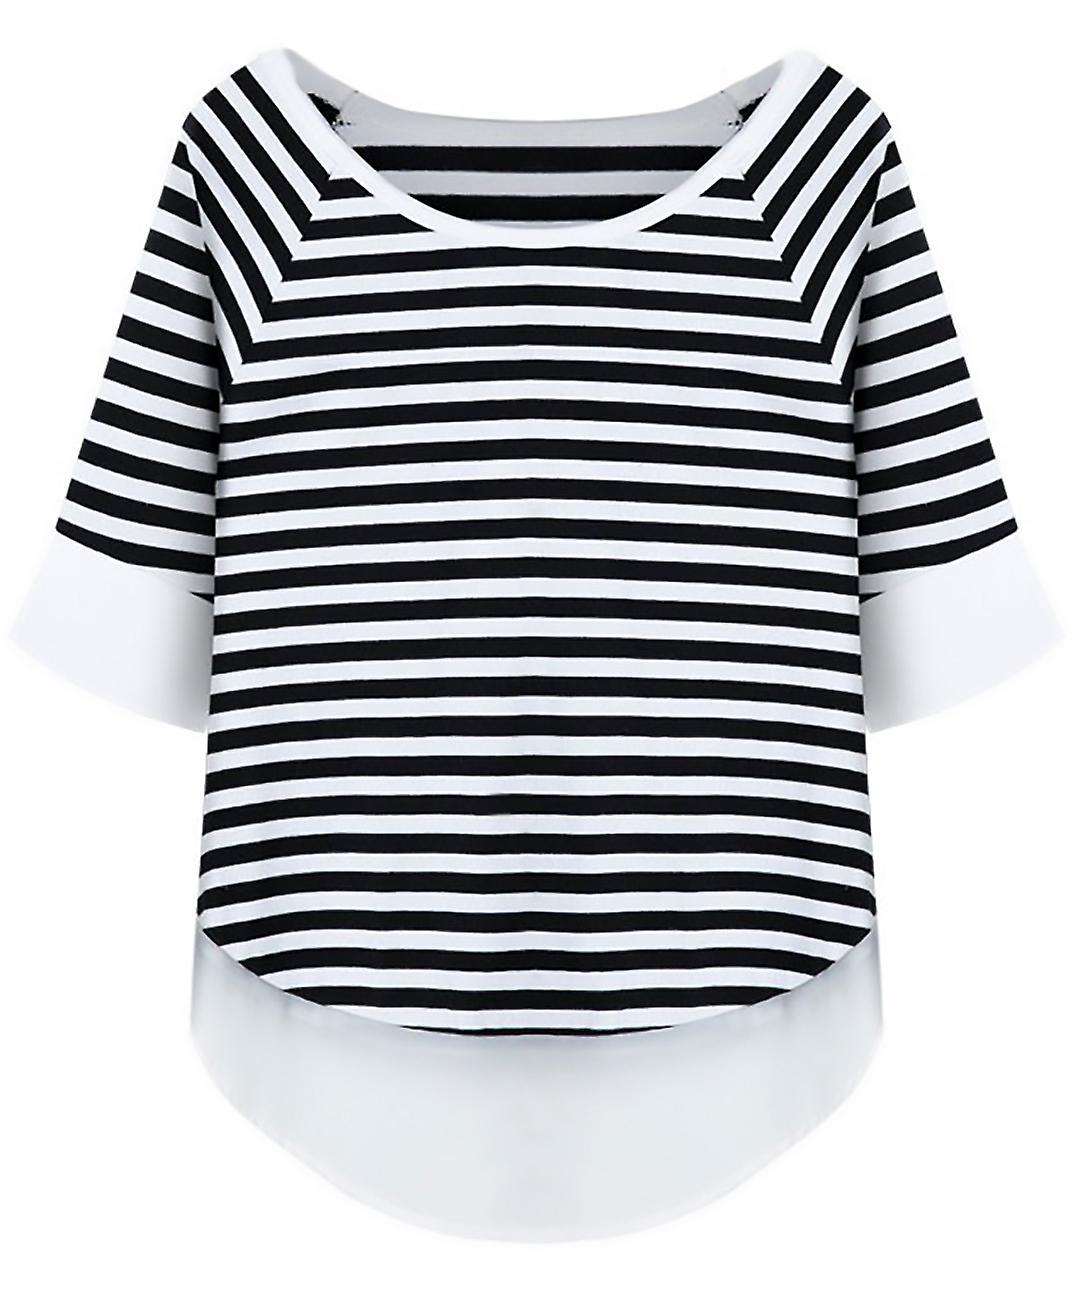 Small striped bicolor coat pattern Peach